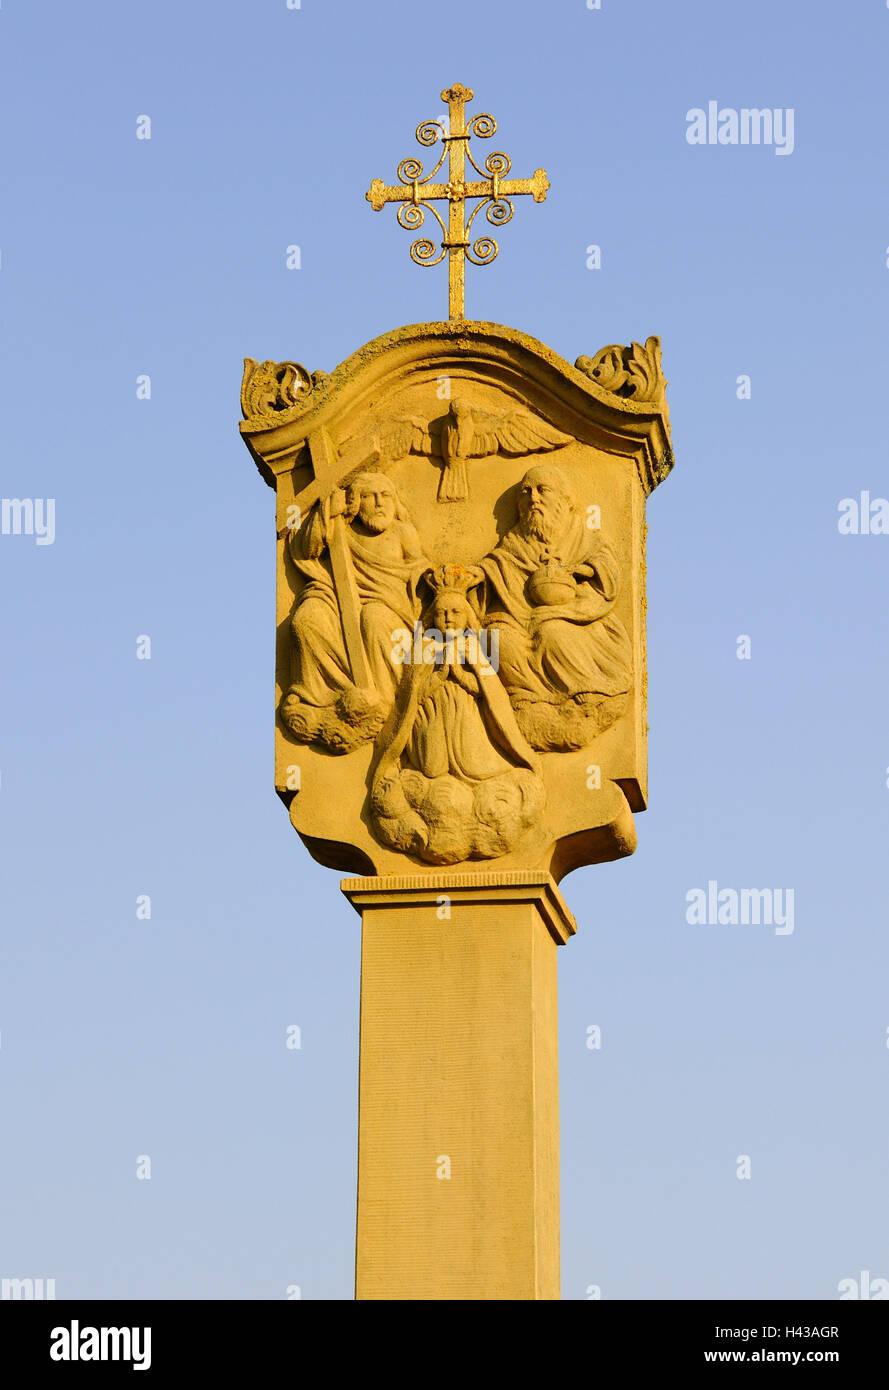 Bildstock, Detail, Figuren eines Heiligen, Stockbild